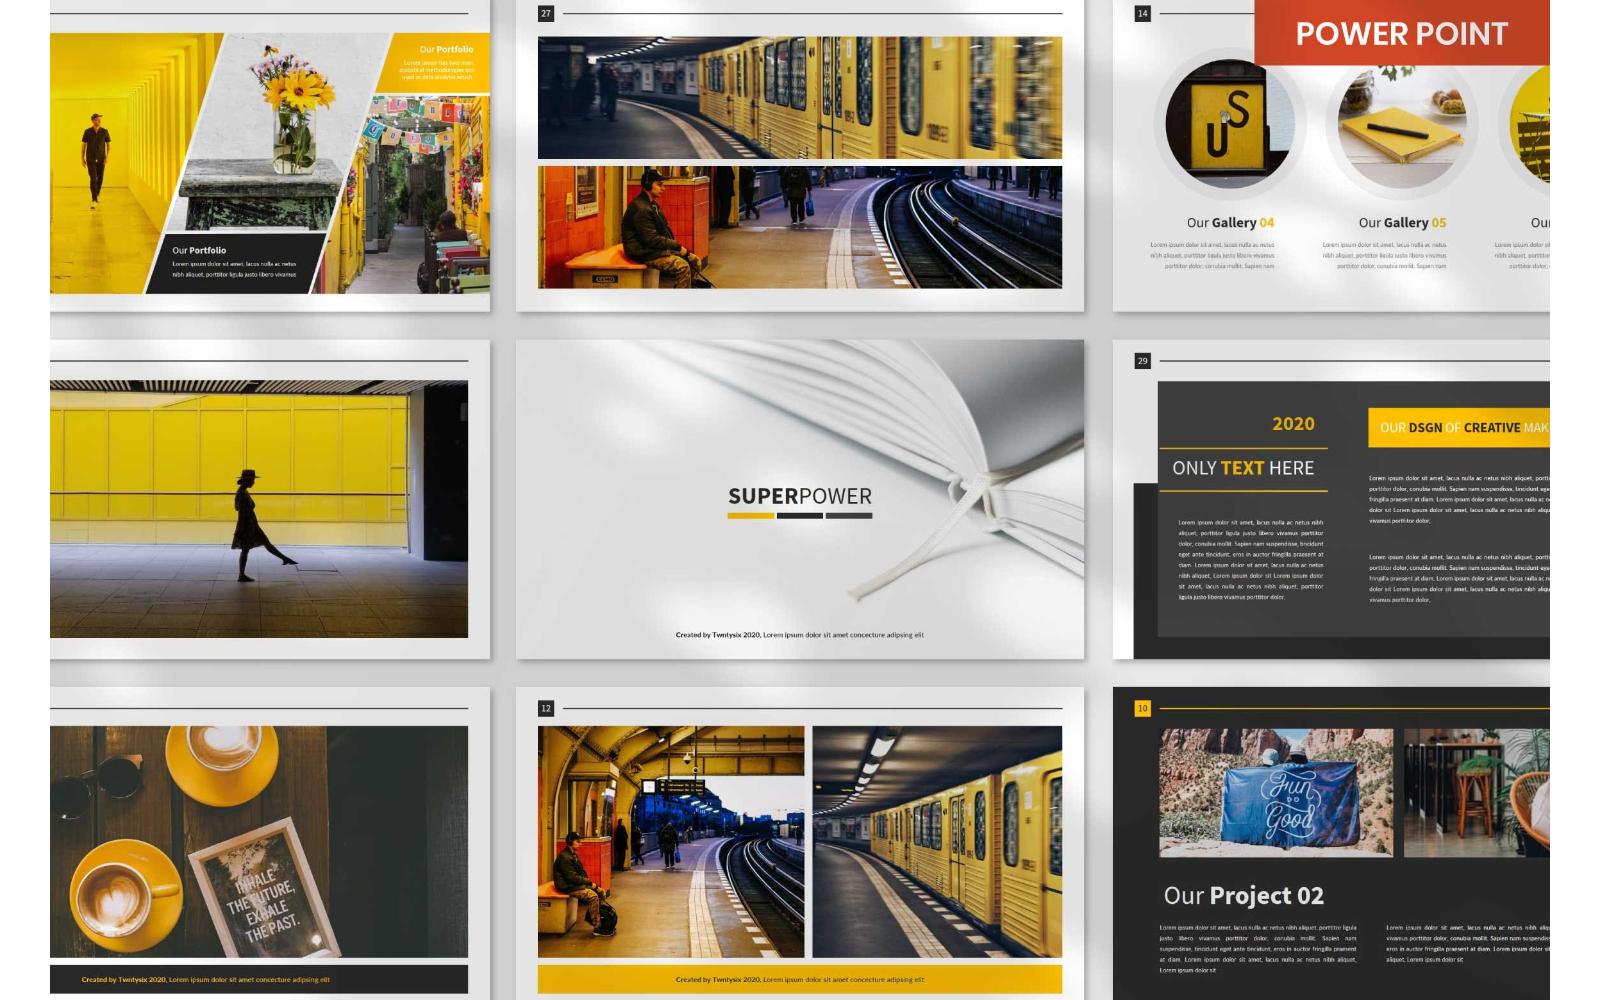 SuperPower Presentation Powerpoint Templates